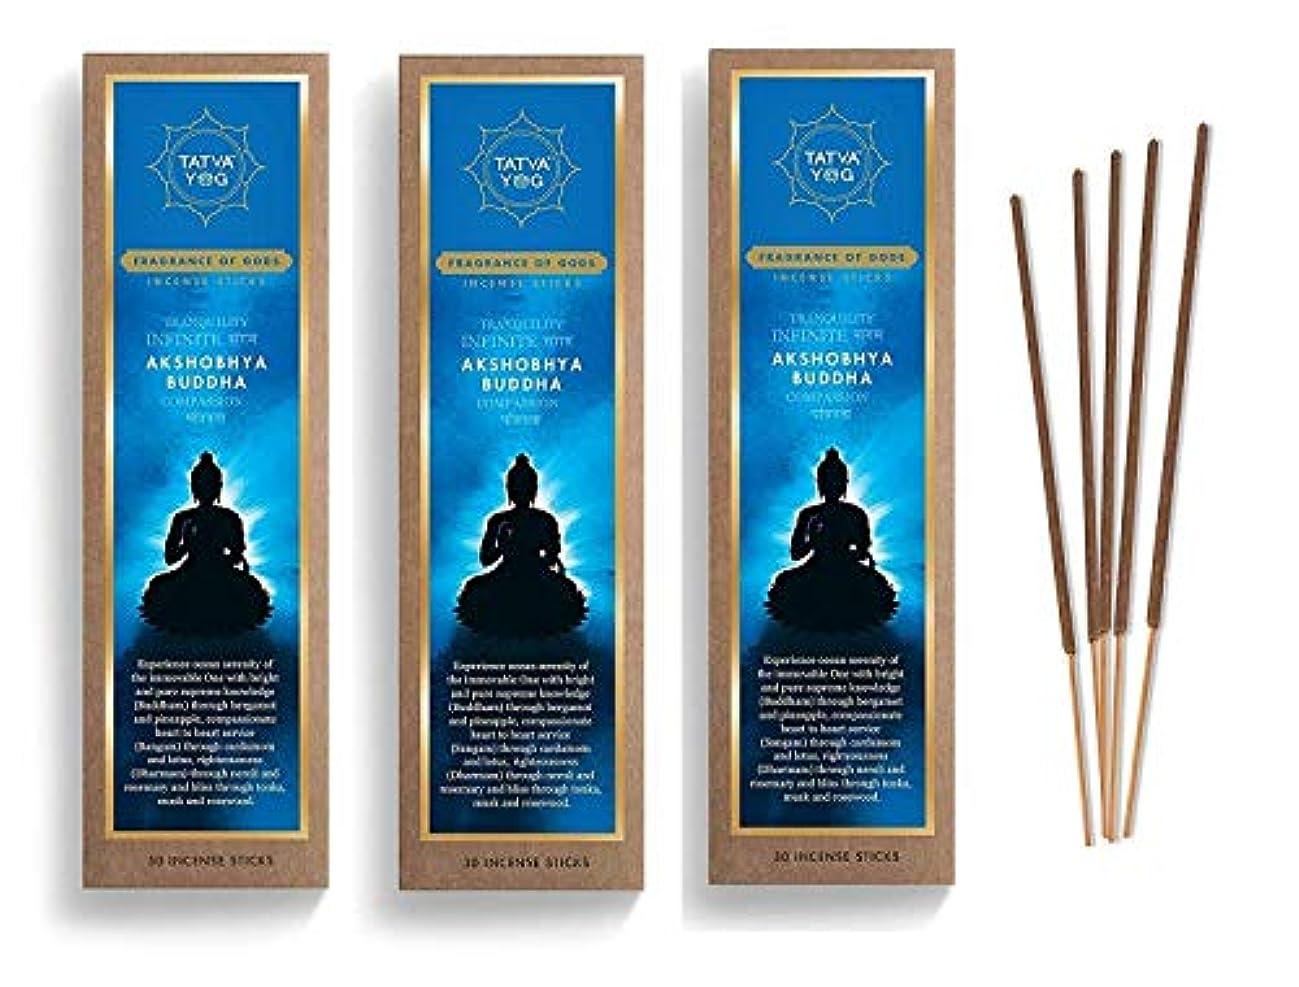 発言する重荷フリルAkshobhya Buddha Long Lasting Incense Sticks for Daily Pooja|Festive|Home|Scented Natural Agarbatti for Positive Energy|Good Health & Wealth (Pack of 3 | 30 Sticks Per Pack)